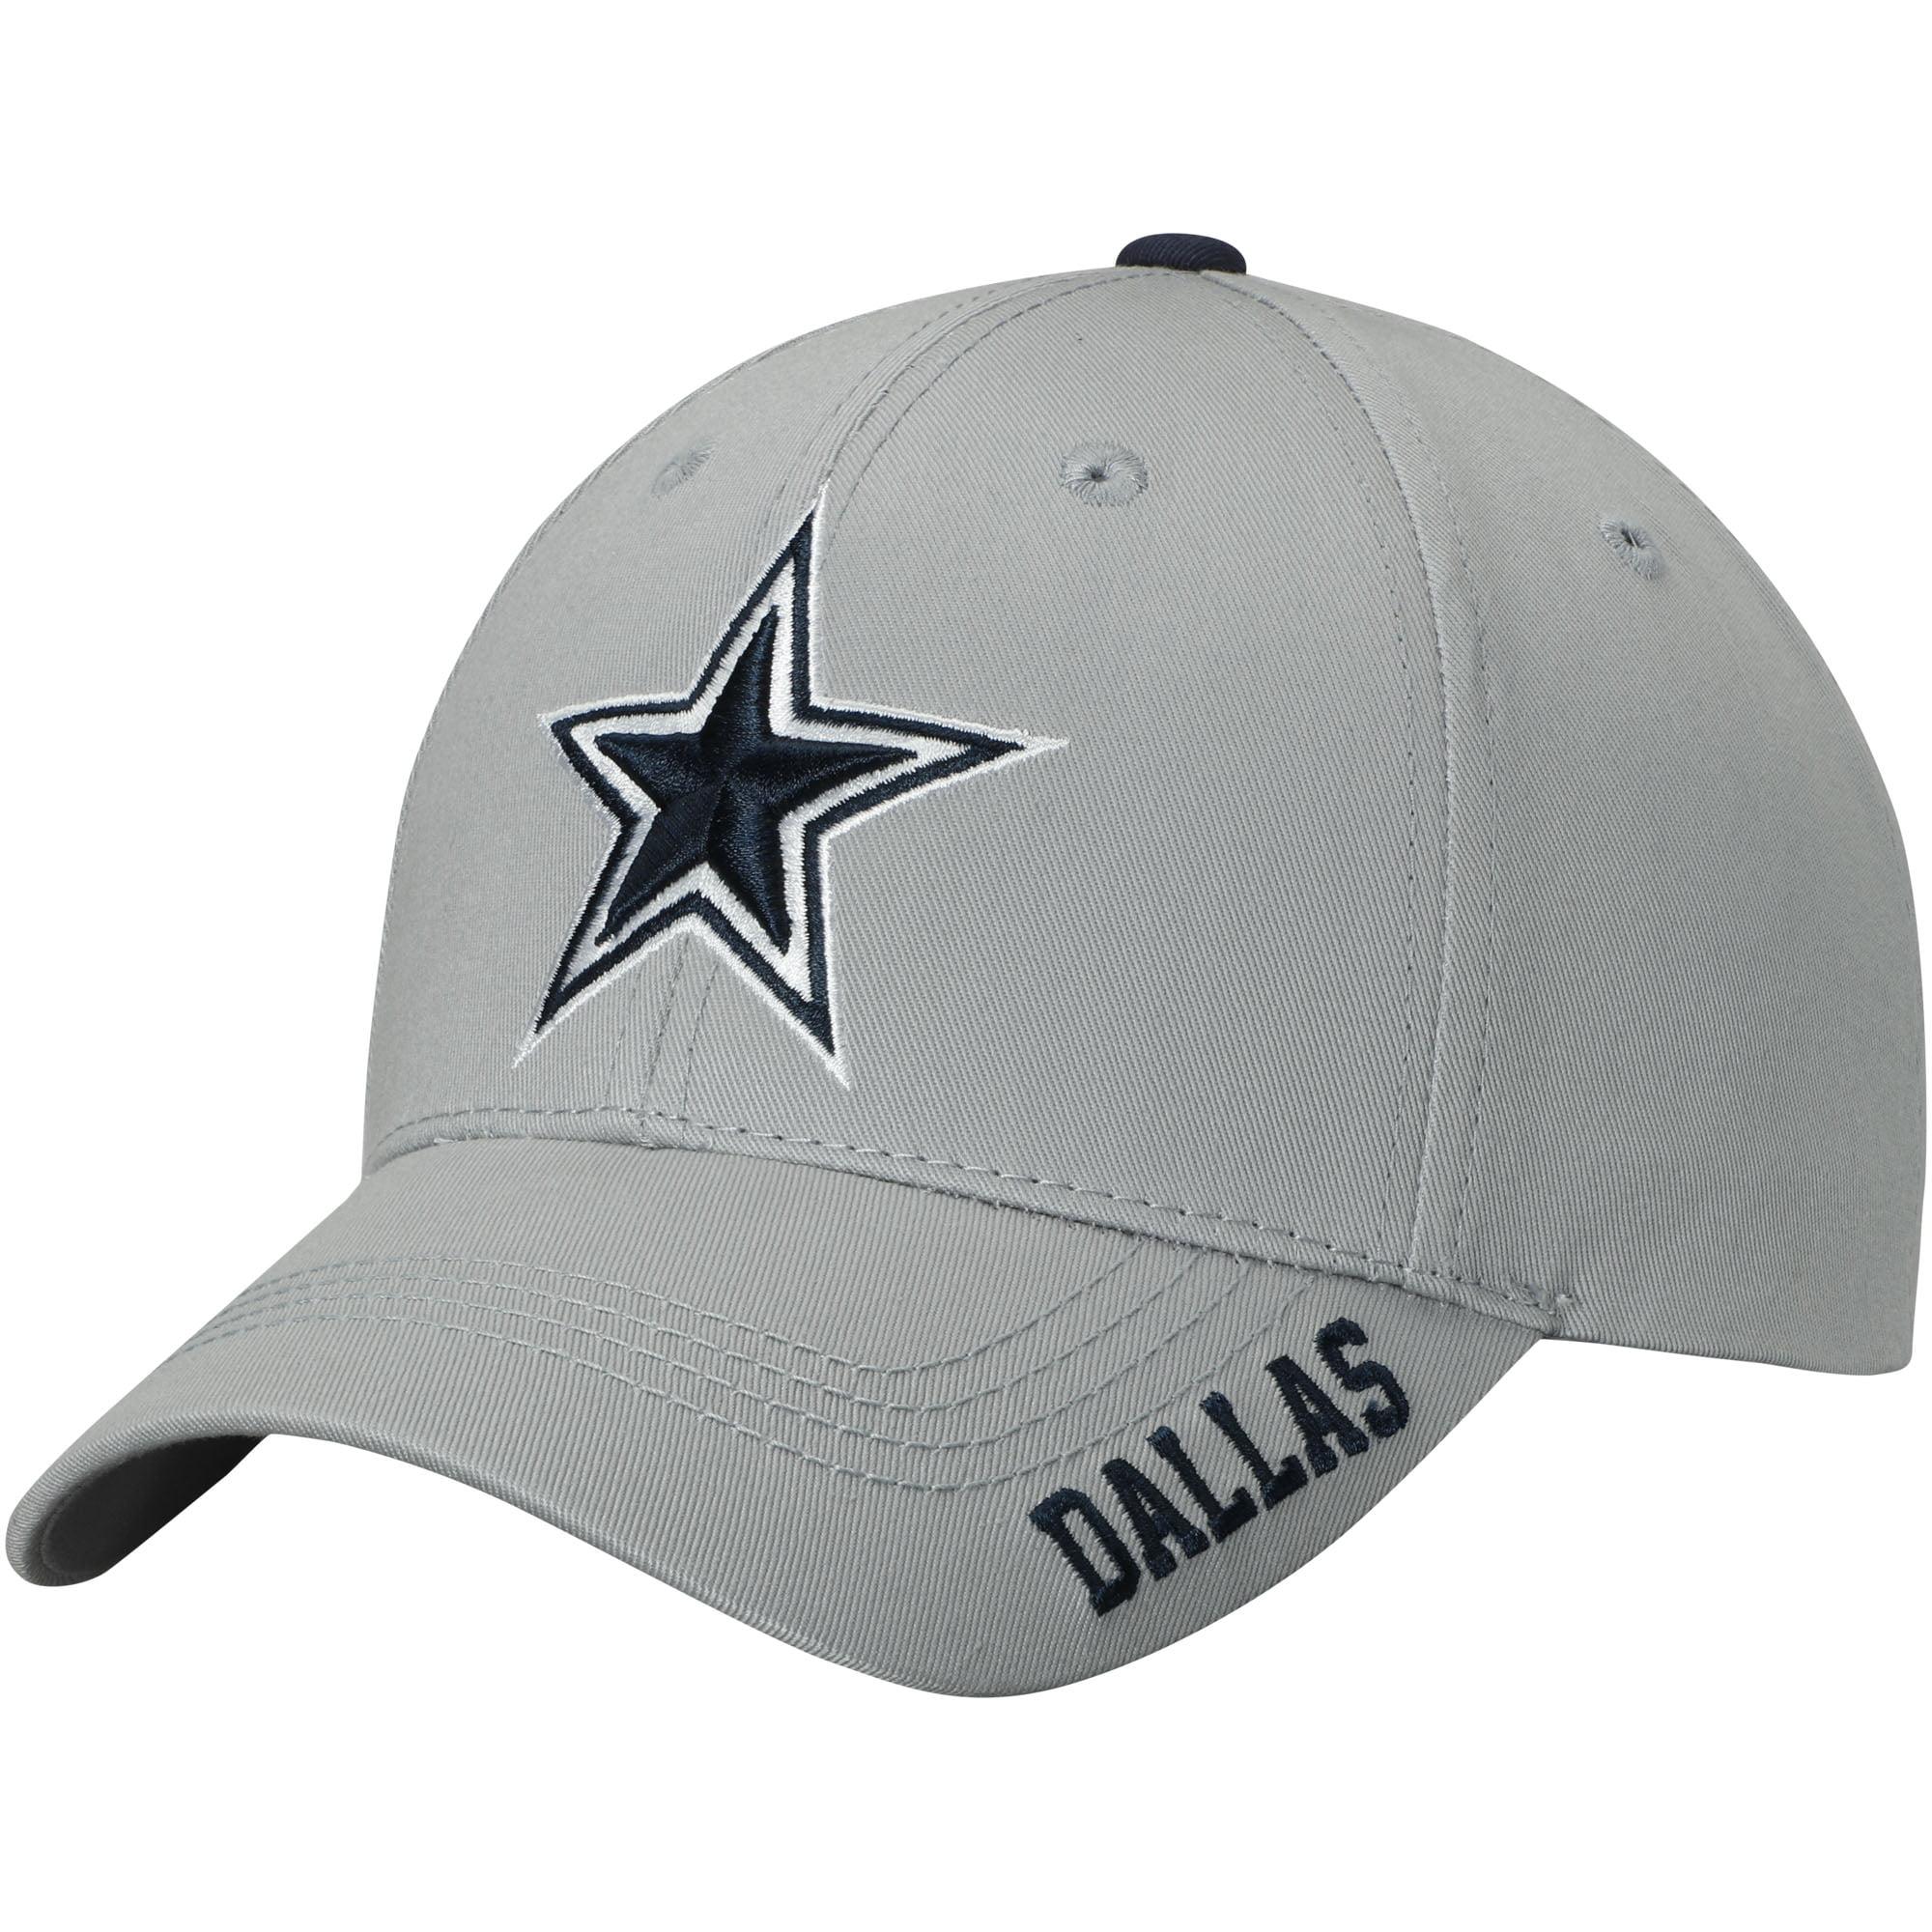 Men's Gray Dallas Cowboys Kingman Adjustable Hat - OSFA